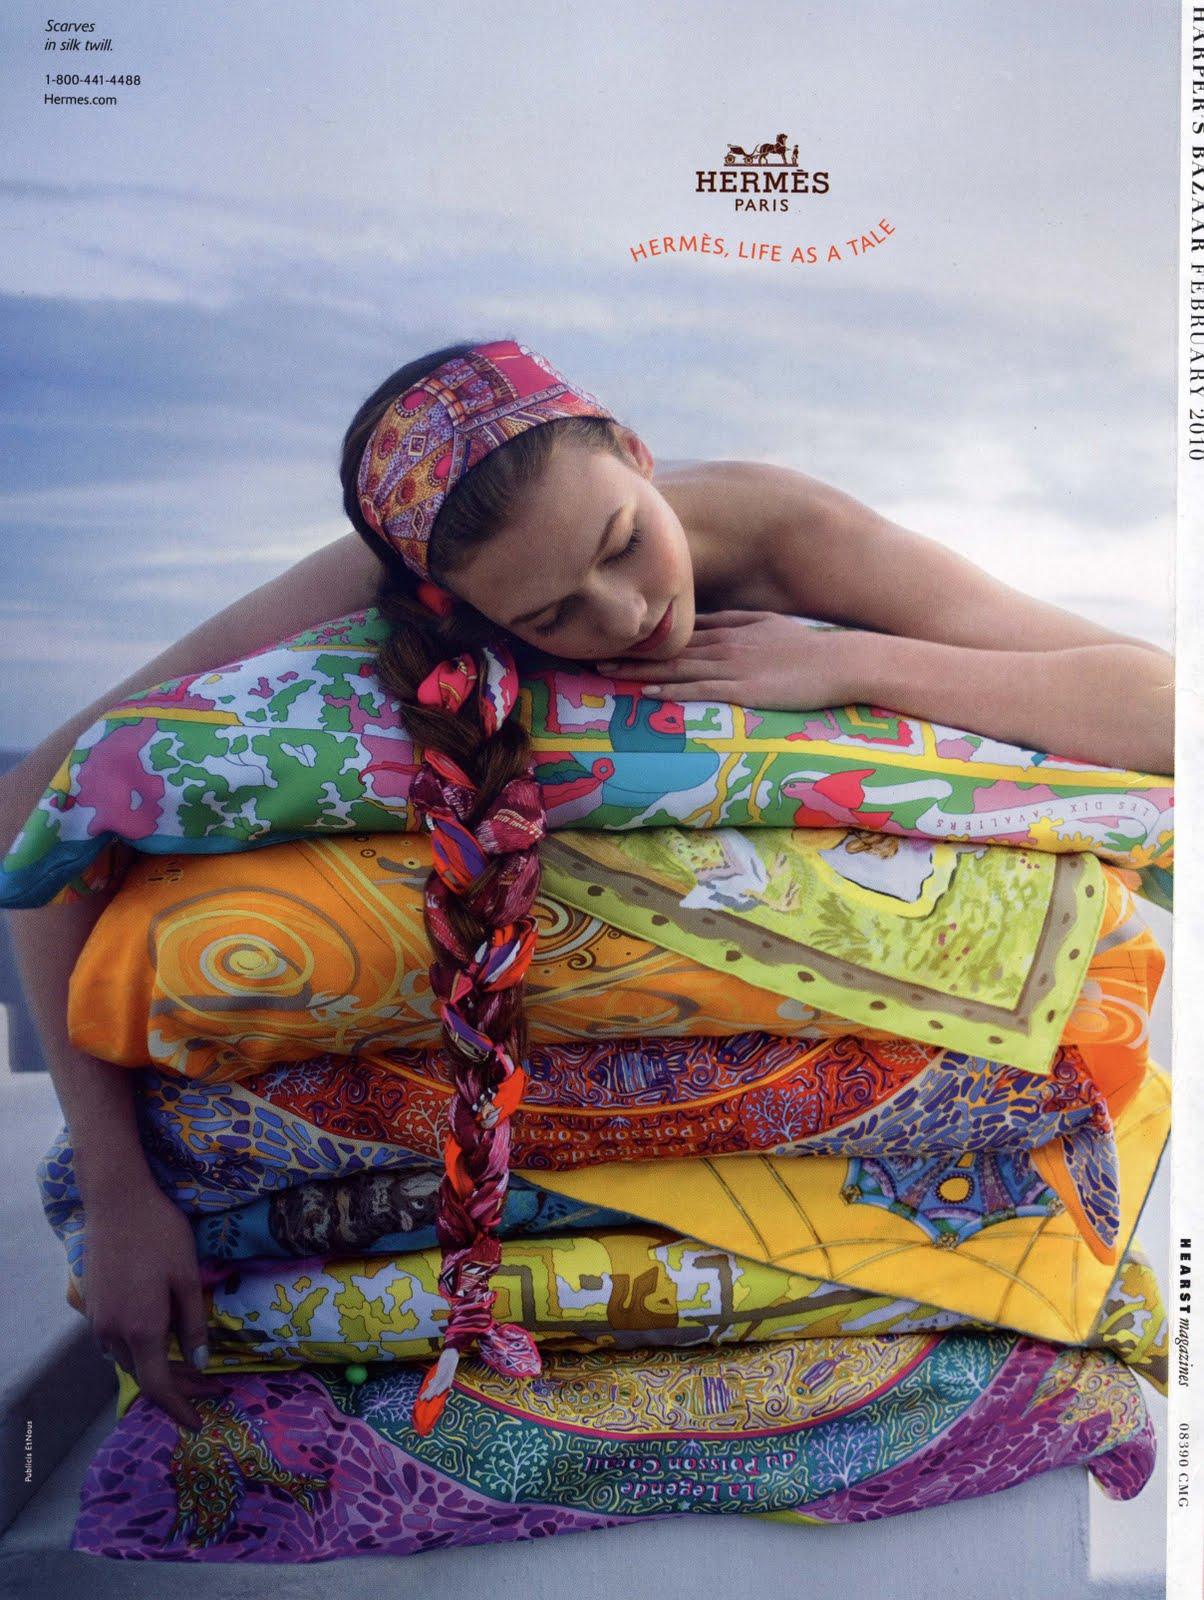 Связанные платками девушка 28 фотография